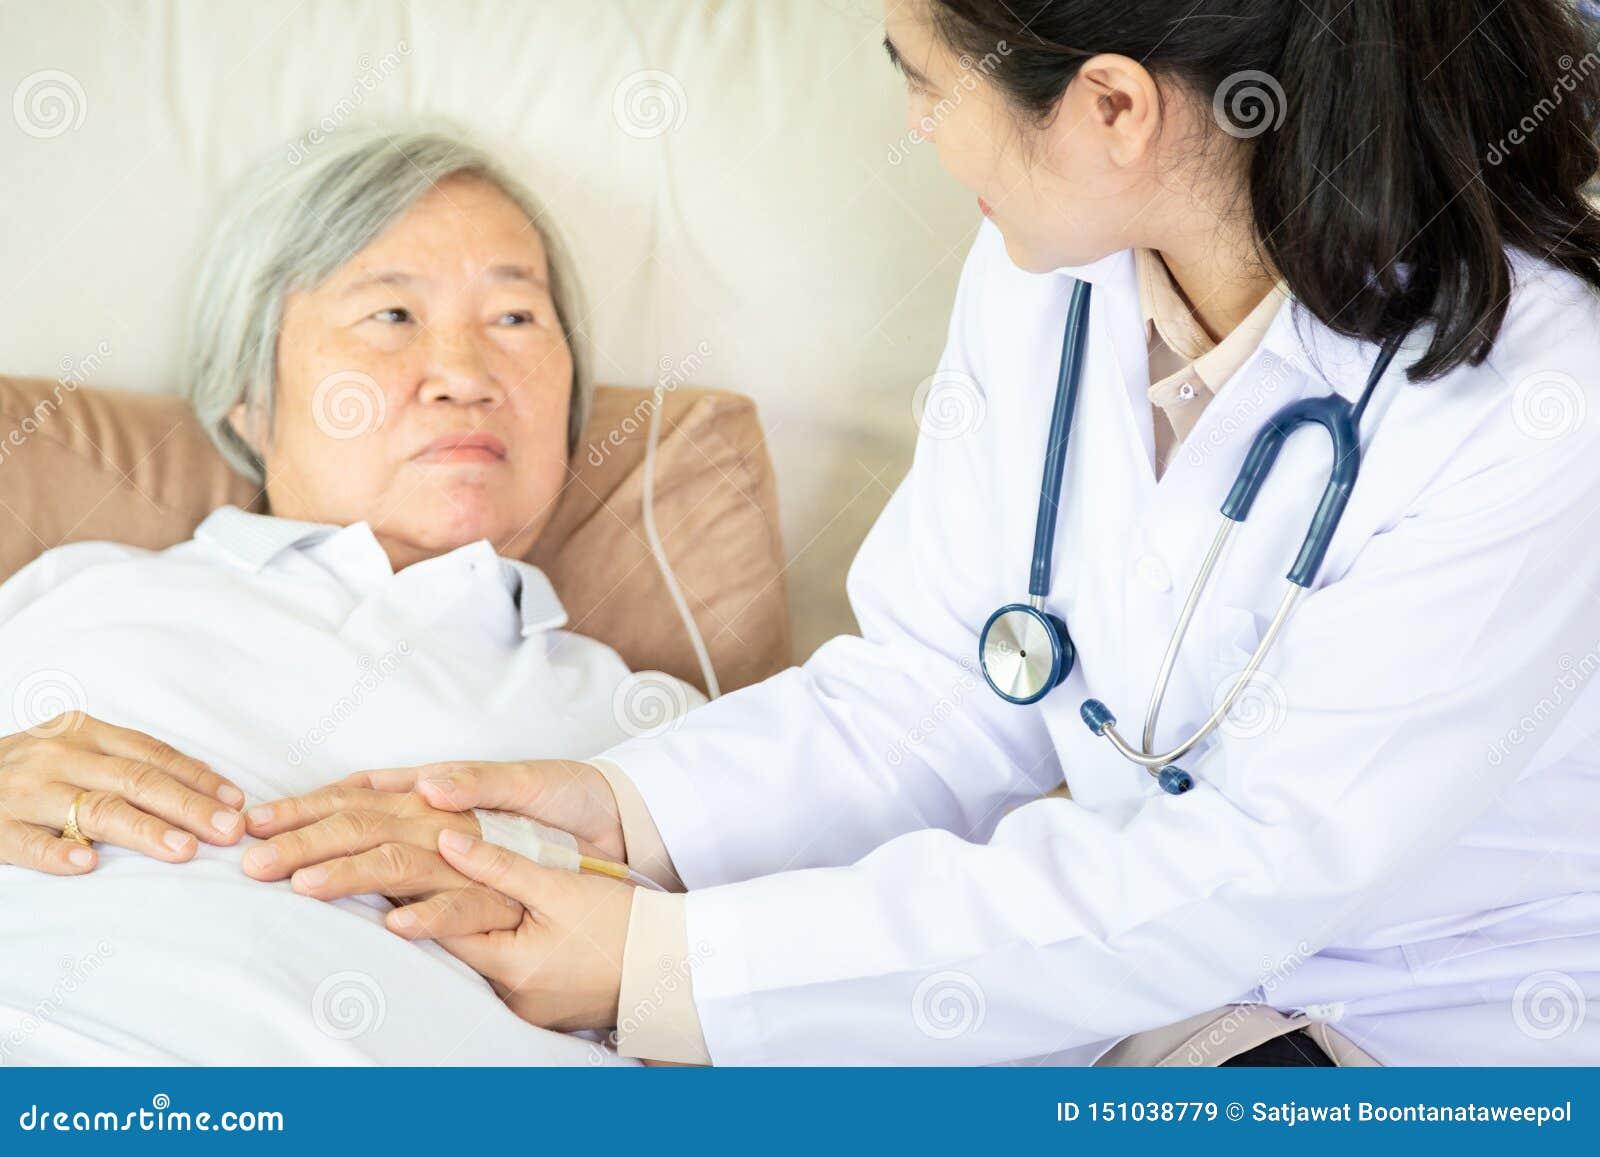 Medicinsk kvinnlig doktor eller sjuksköterska som rymmer höga tålmodiga händer och tröstar henne på sjukhussäng eller hemmet, han